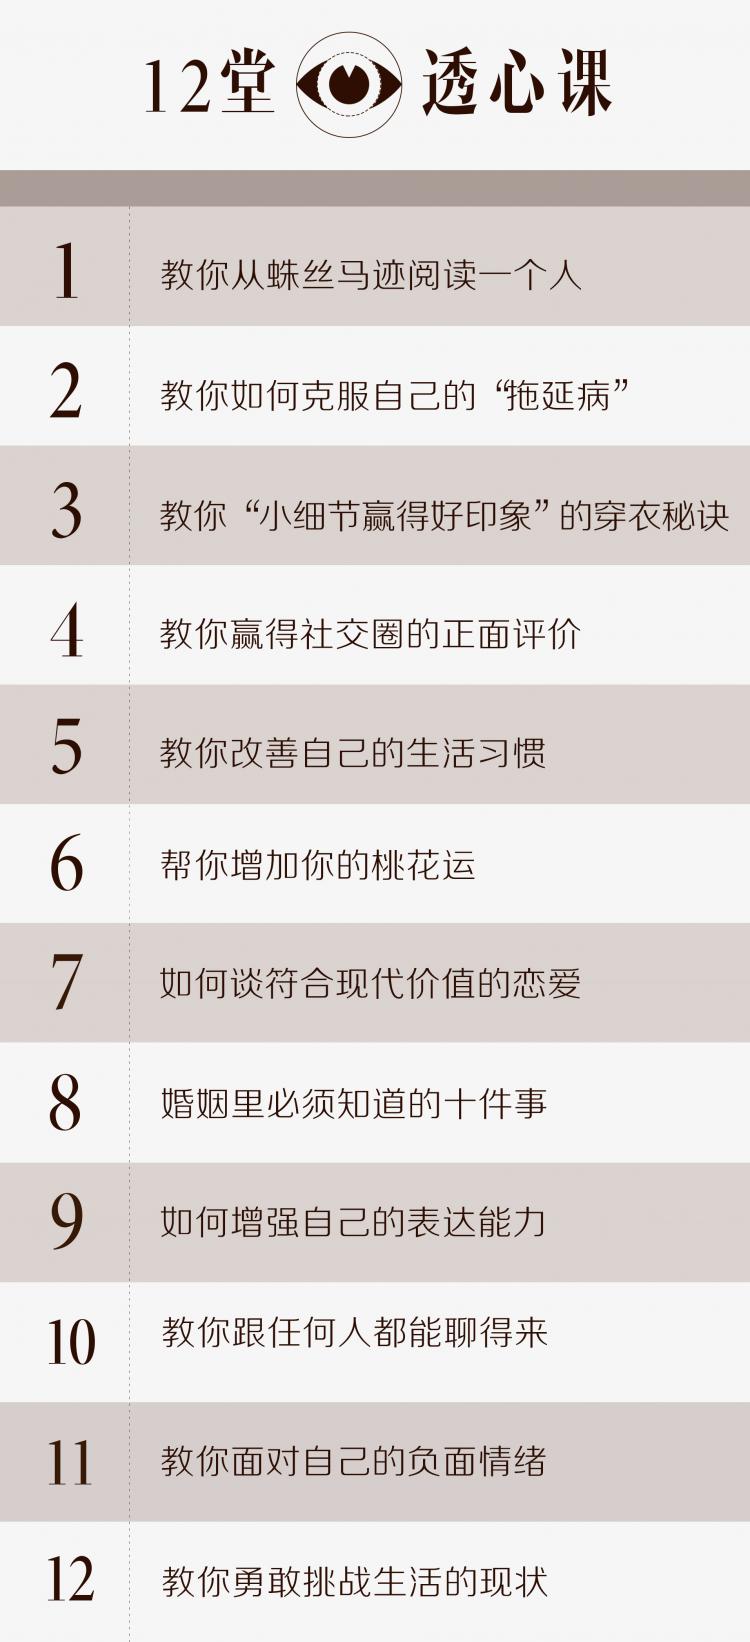 刘轩课程大纲2 (2).jpg